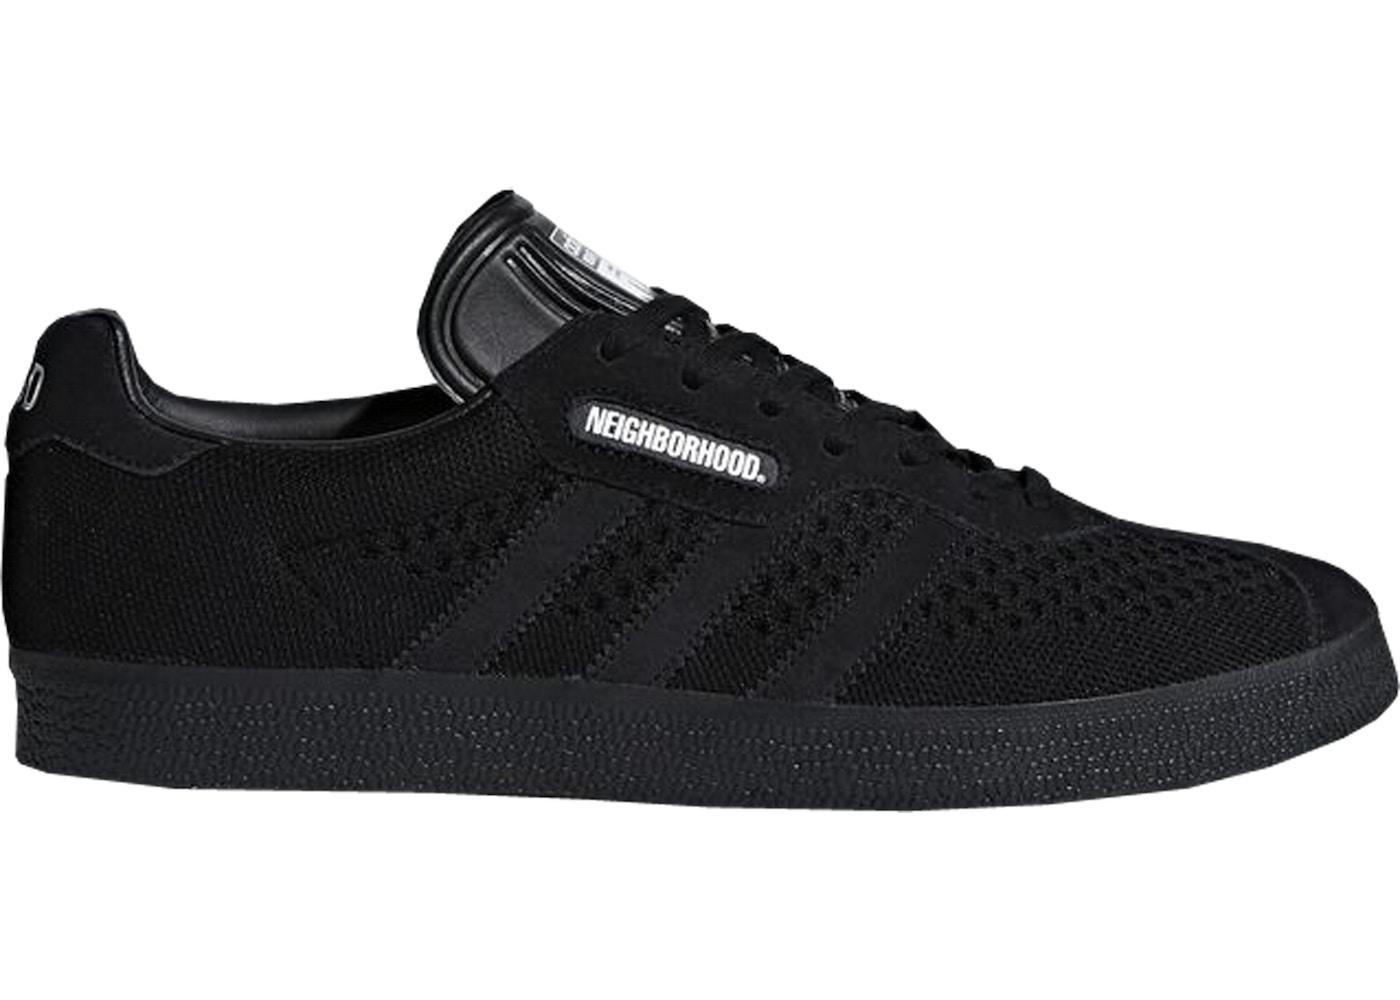 online retailer 16042 d474a Adidas Black Triple Neighborhood Gazelle Da8836 Super OSTwvO